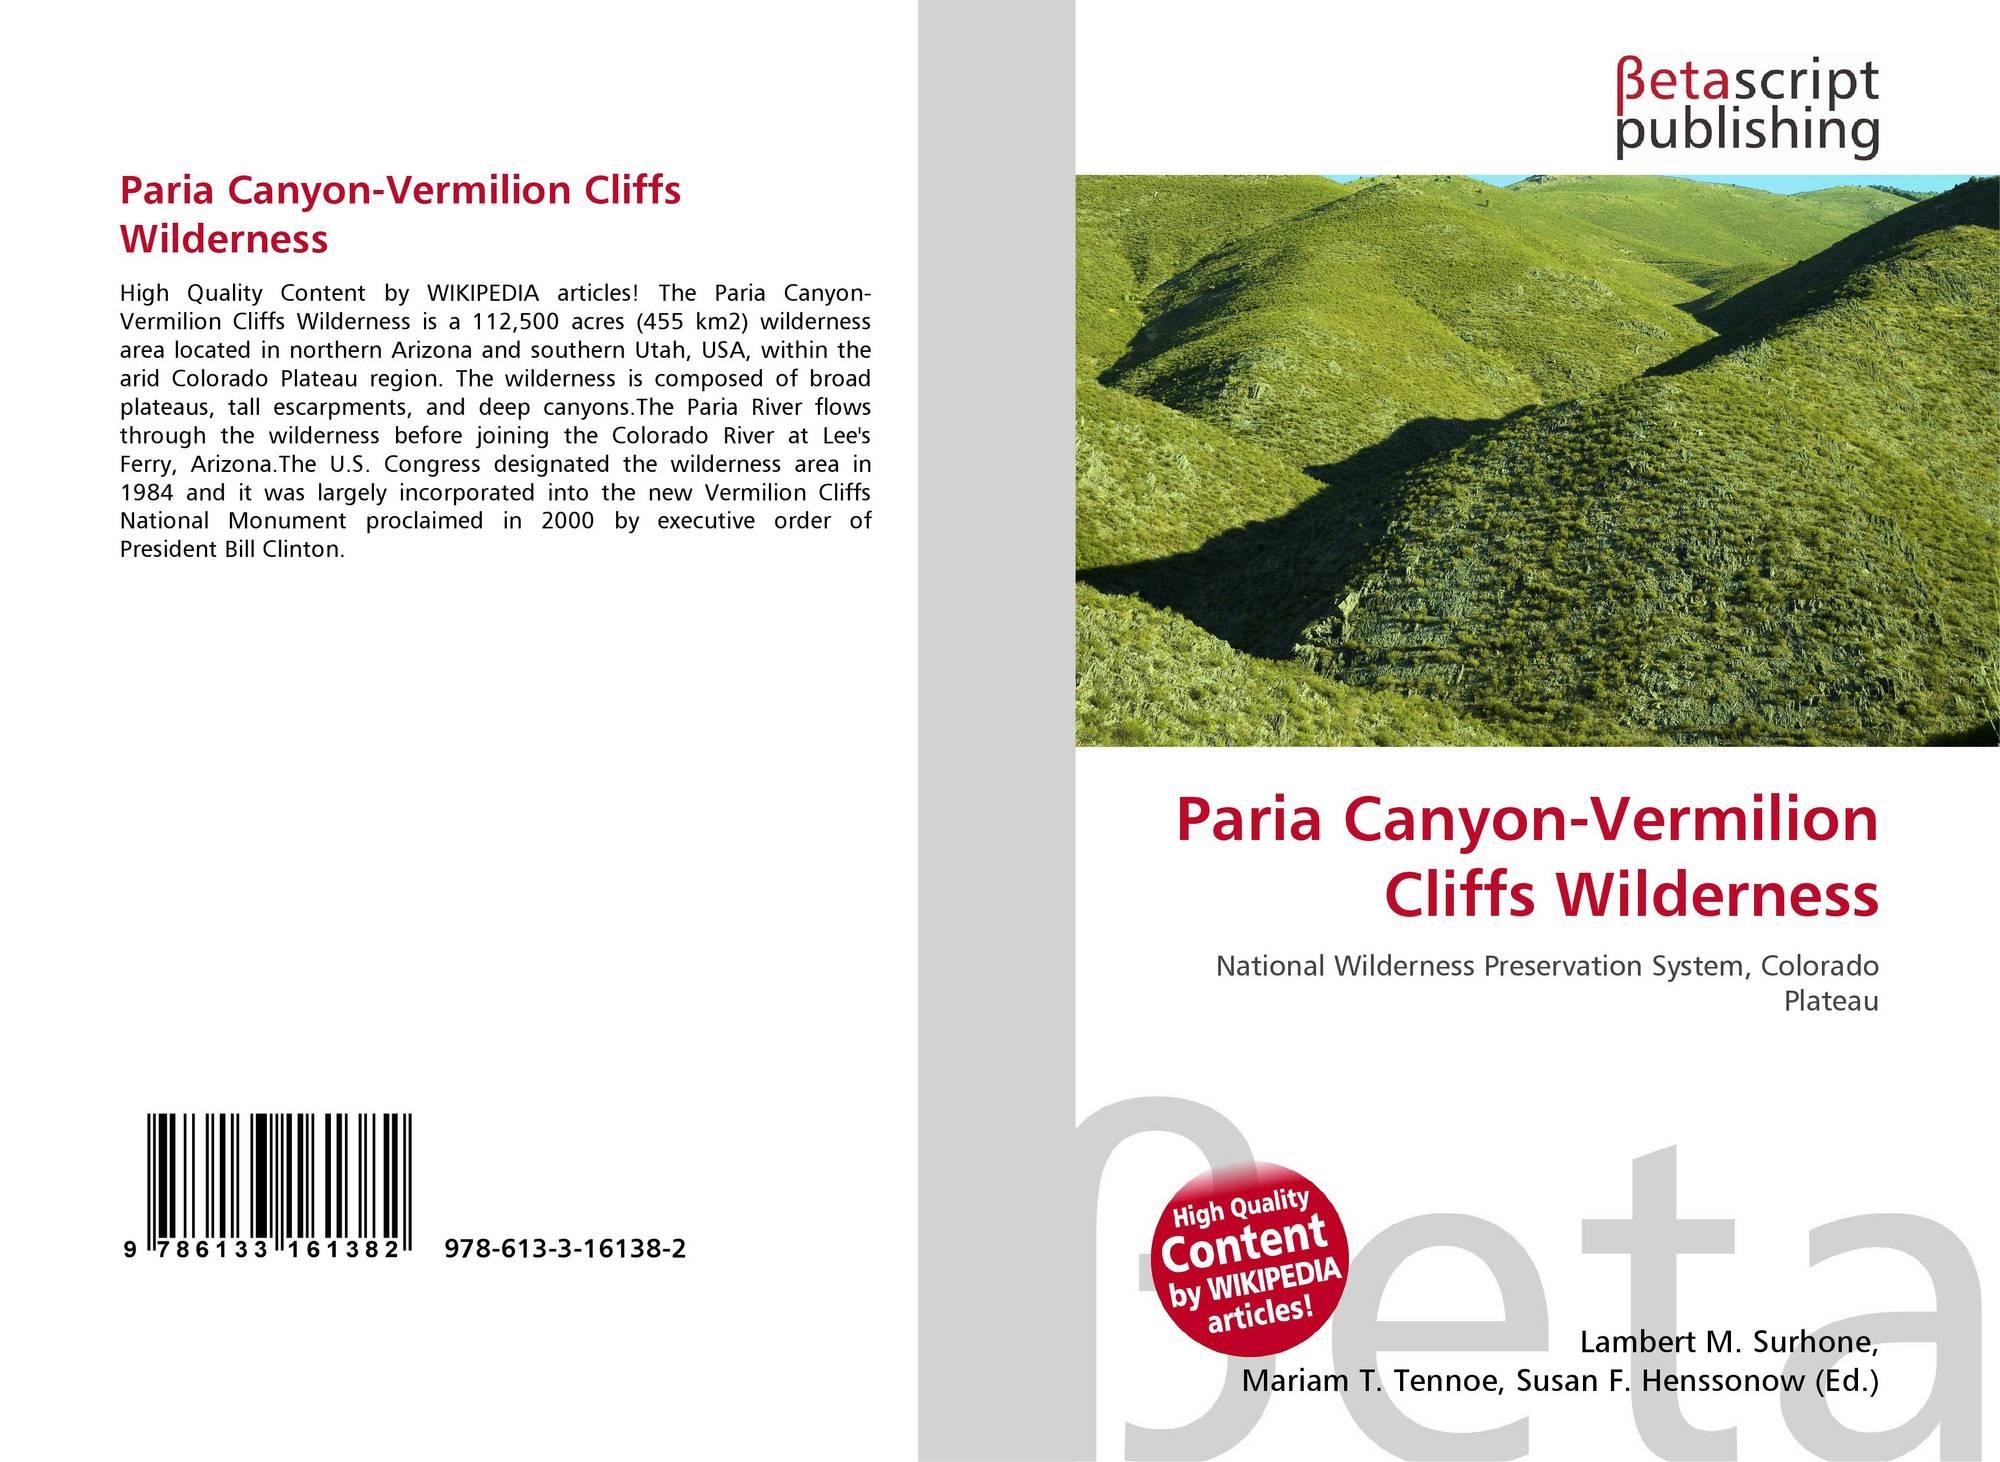 Illinois vermilion county muncie - Bookcover Of Paria Canyon Vermilion Cliffs Wilderness